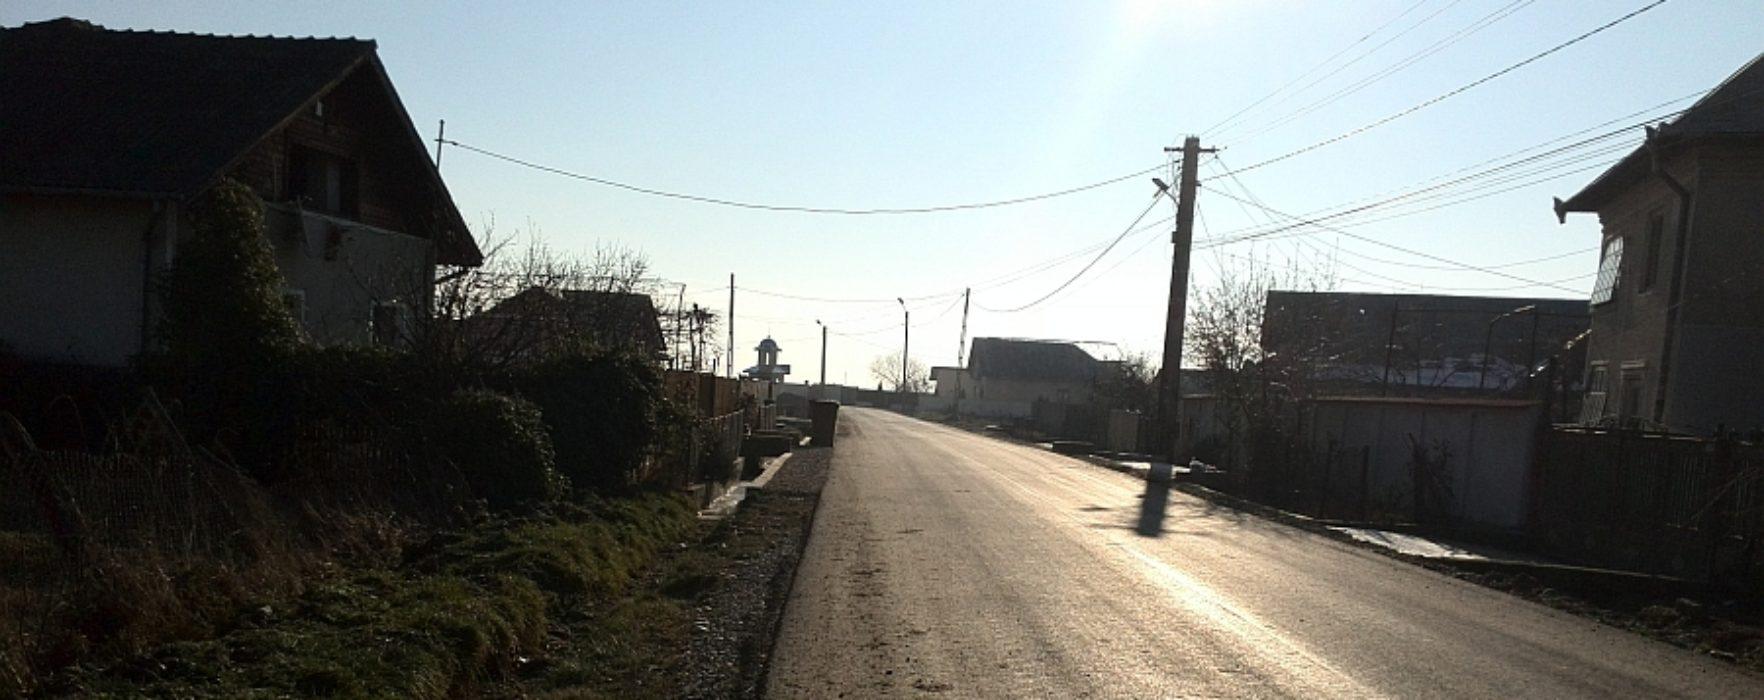 Drumuri locale din Dragomireşti, asfaltate printr-un parteneriat consilul local-consiliul judeţean